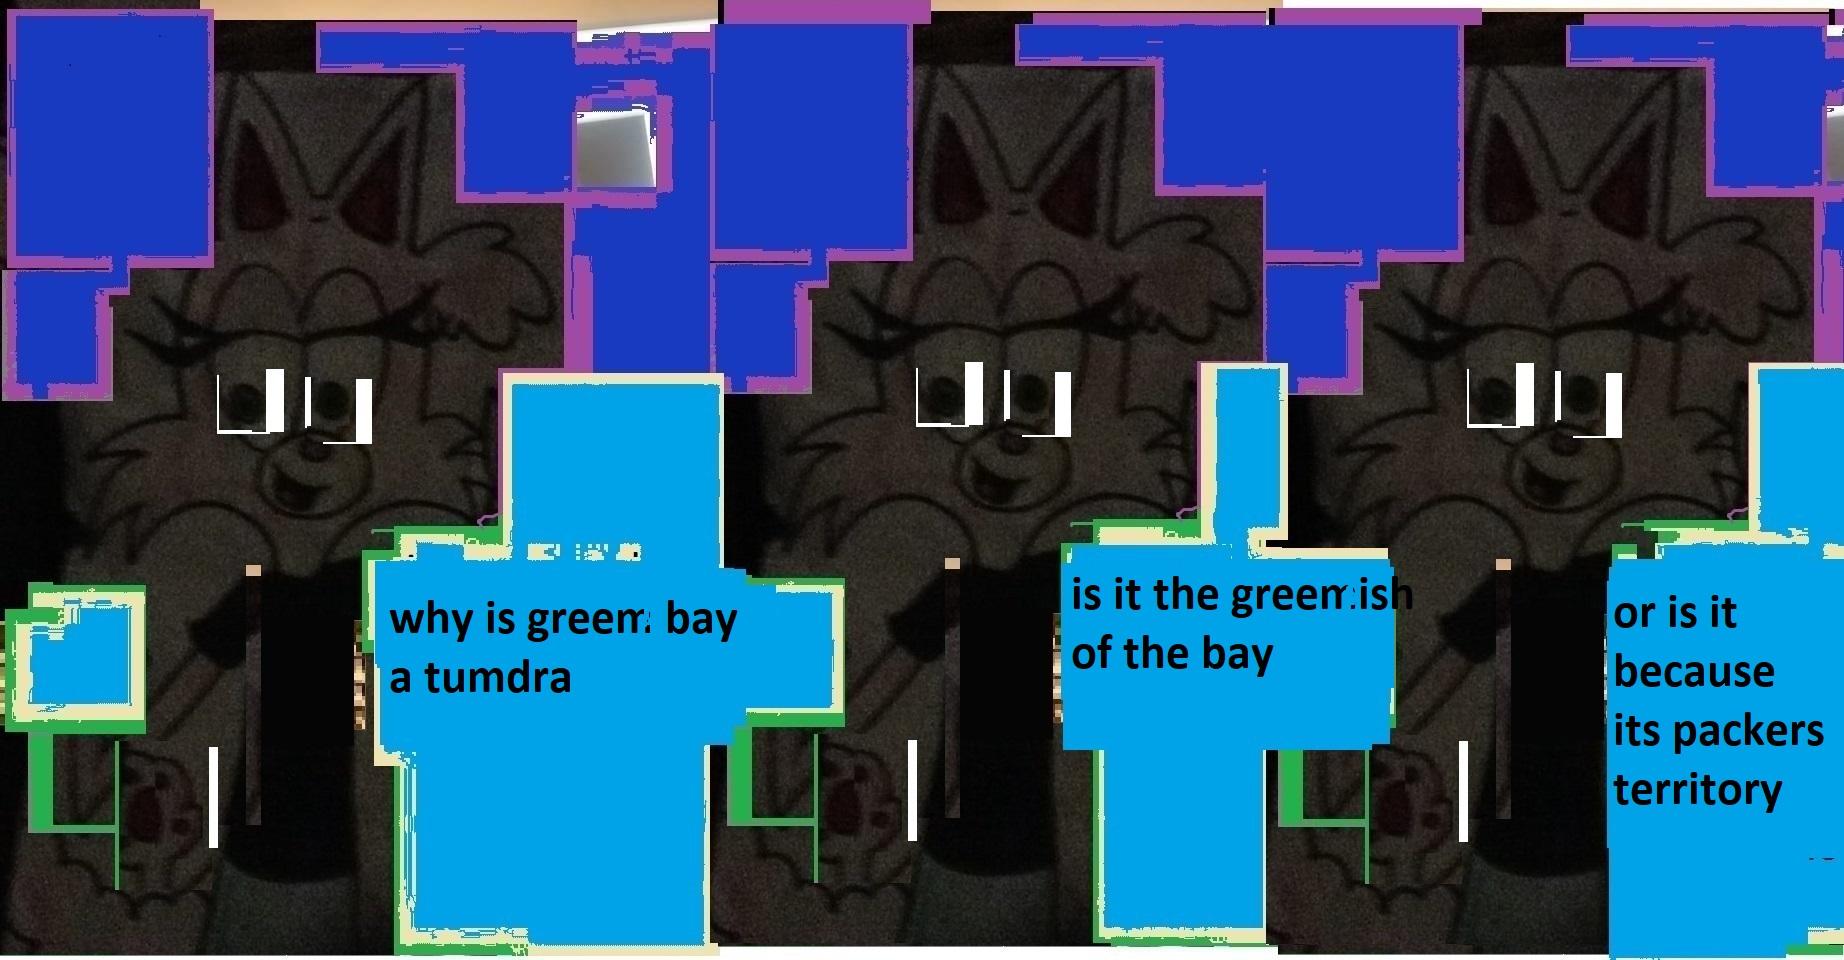 greebay